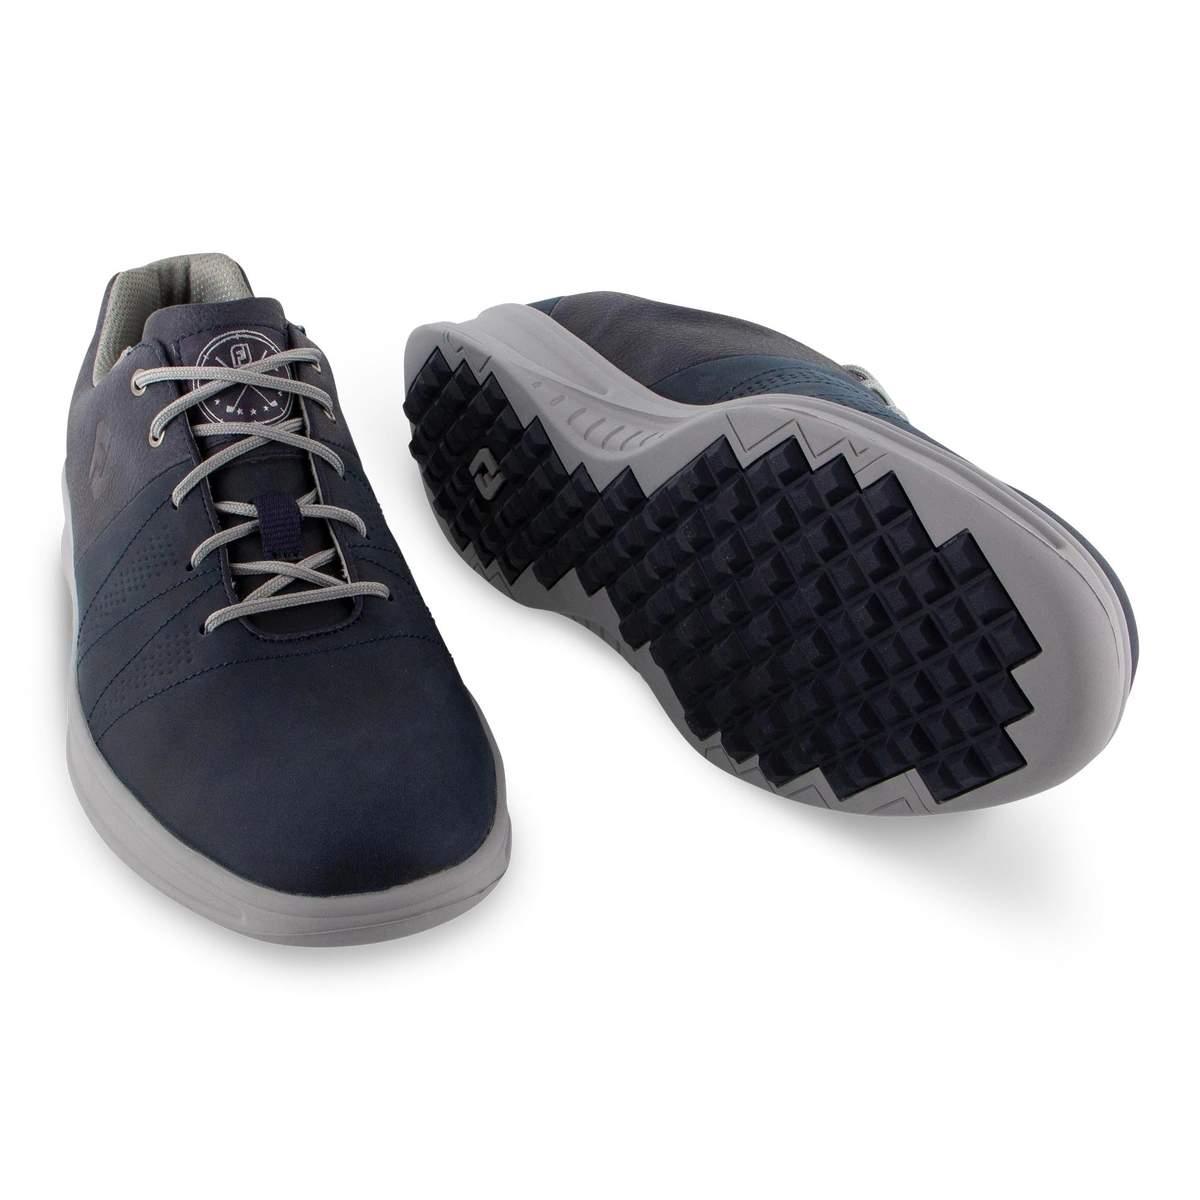 FootJoy Men's Contour Casual Golf Shoe - Previous Season #54070